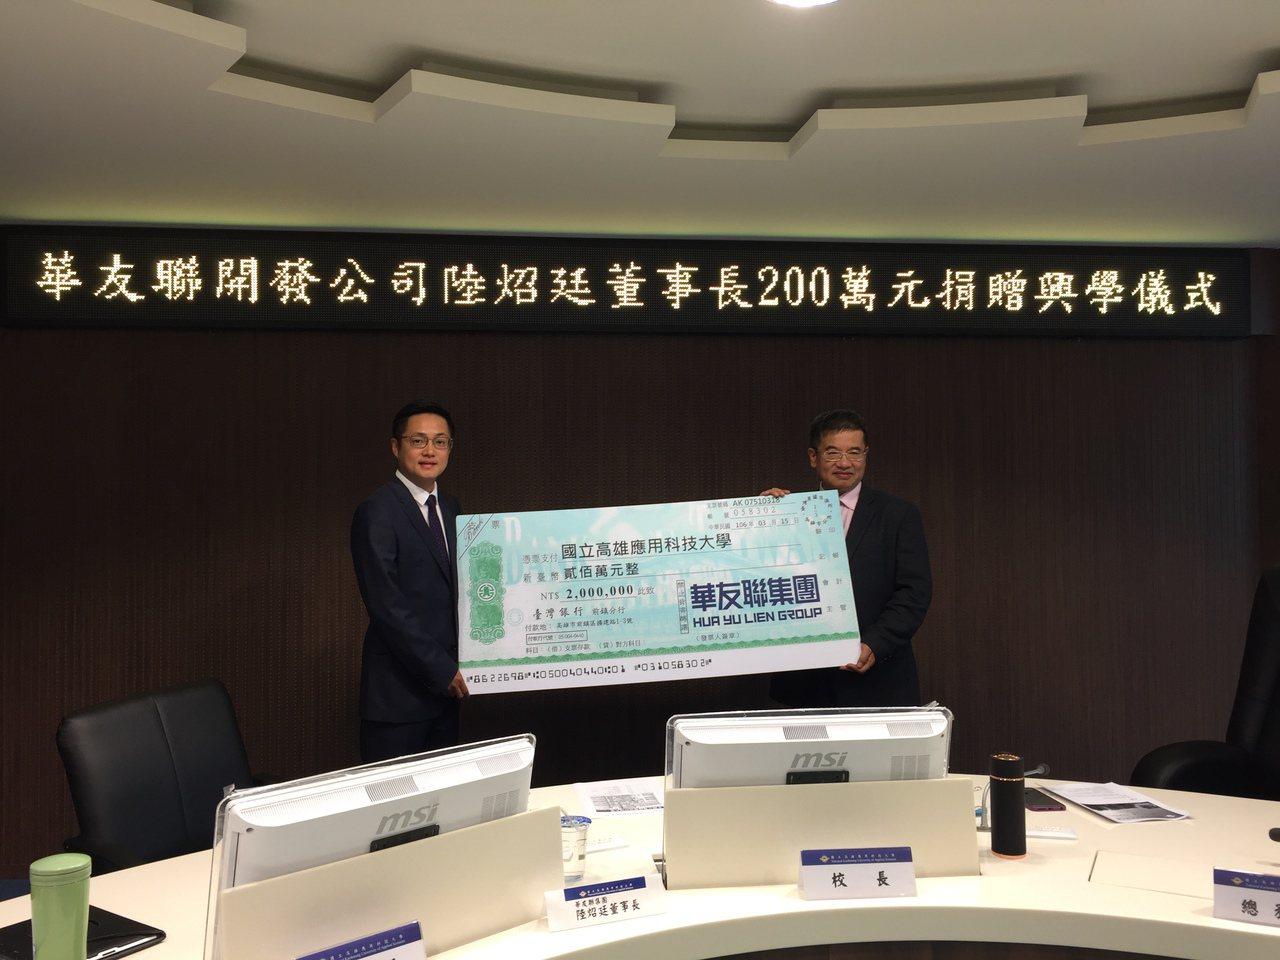 華友聯董事長陸炤廷(左)捐200萬元給國立高雄應用科技大學,助弱勢學子。